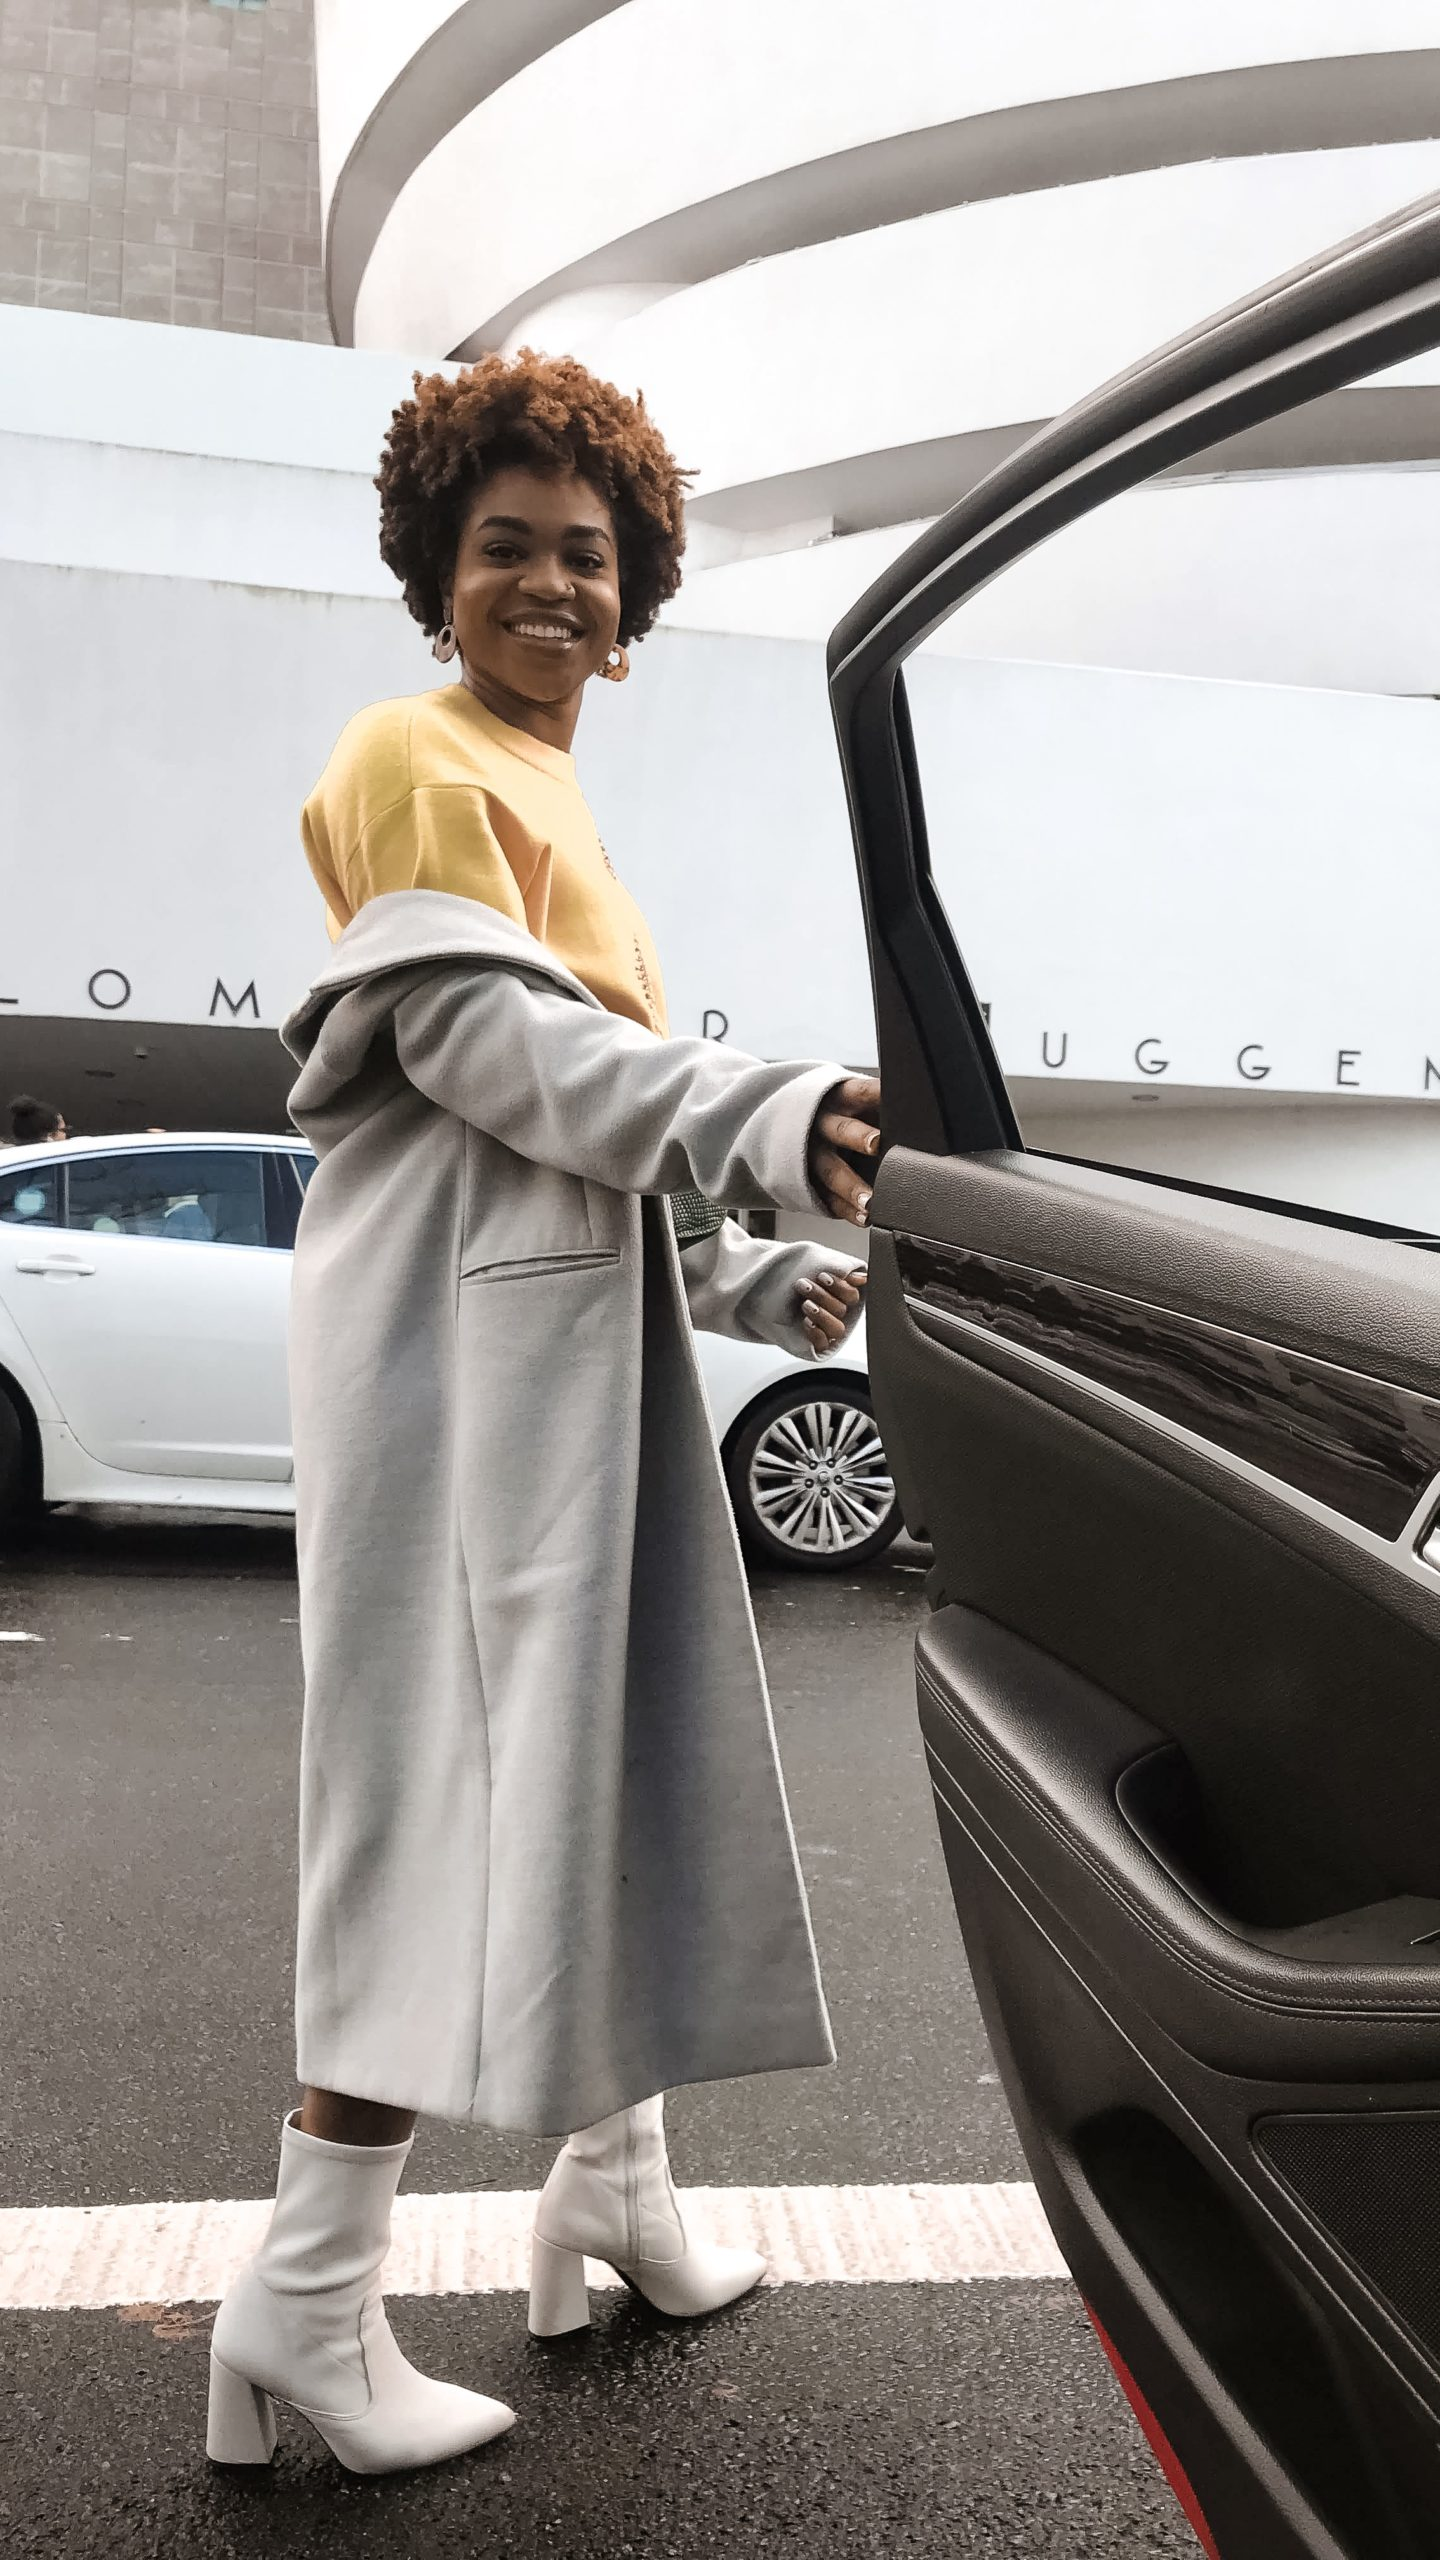 Uber x Guggenheim x Ijeoma Kola